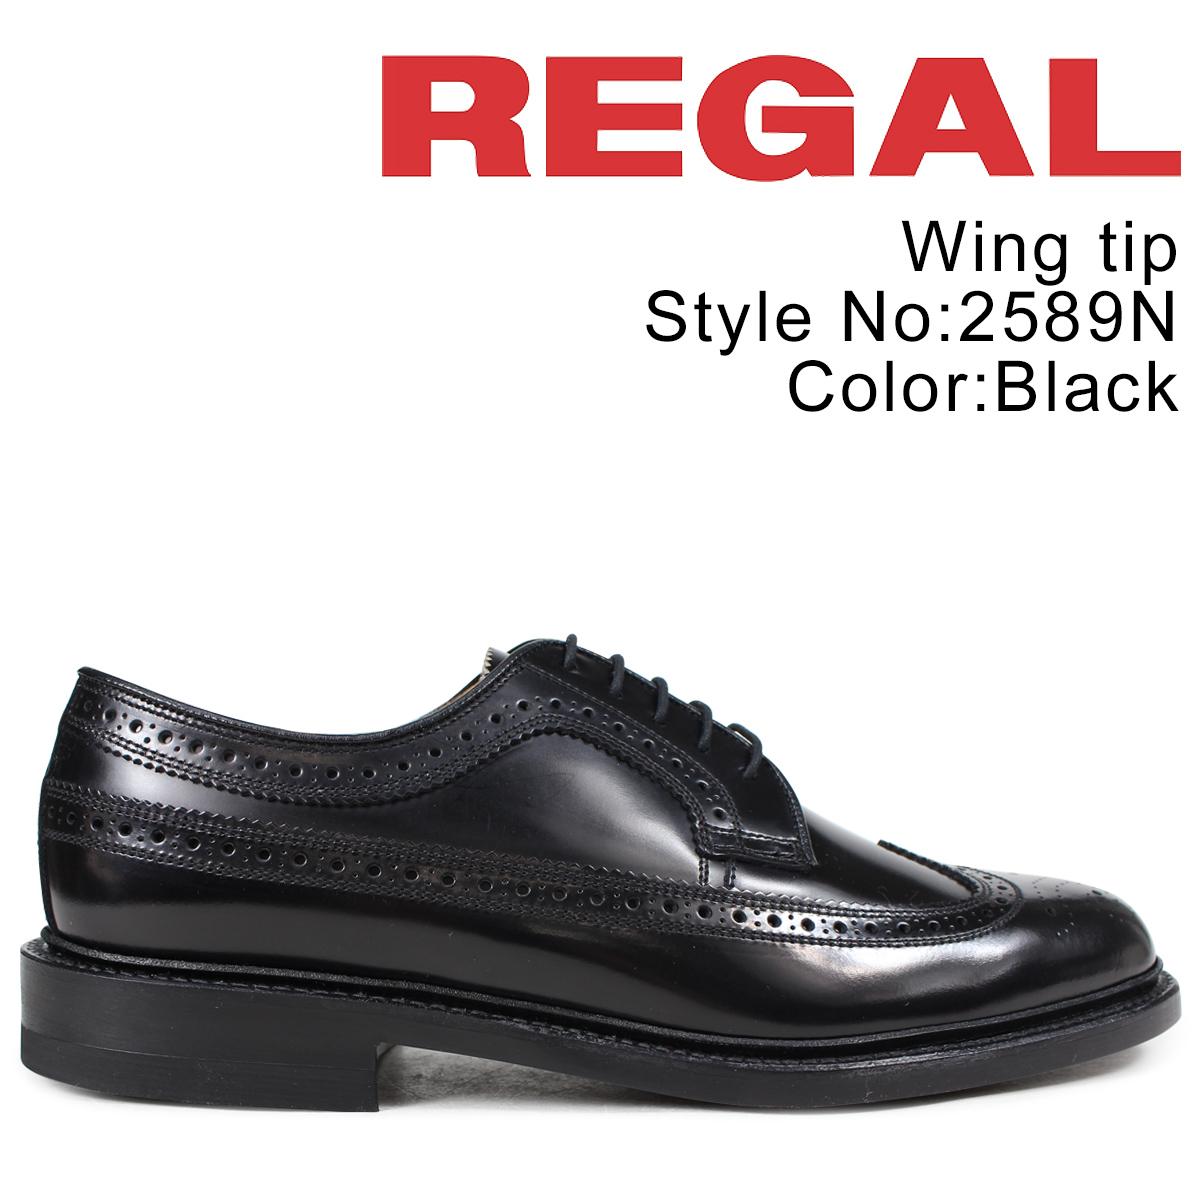 REGAL 靴 メンズ リーガル ウイングチップ ビジネスシューズ 日本製 ブラック 2589N